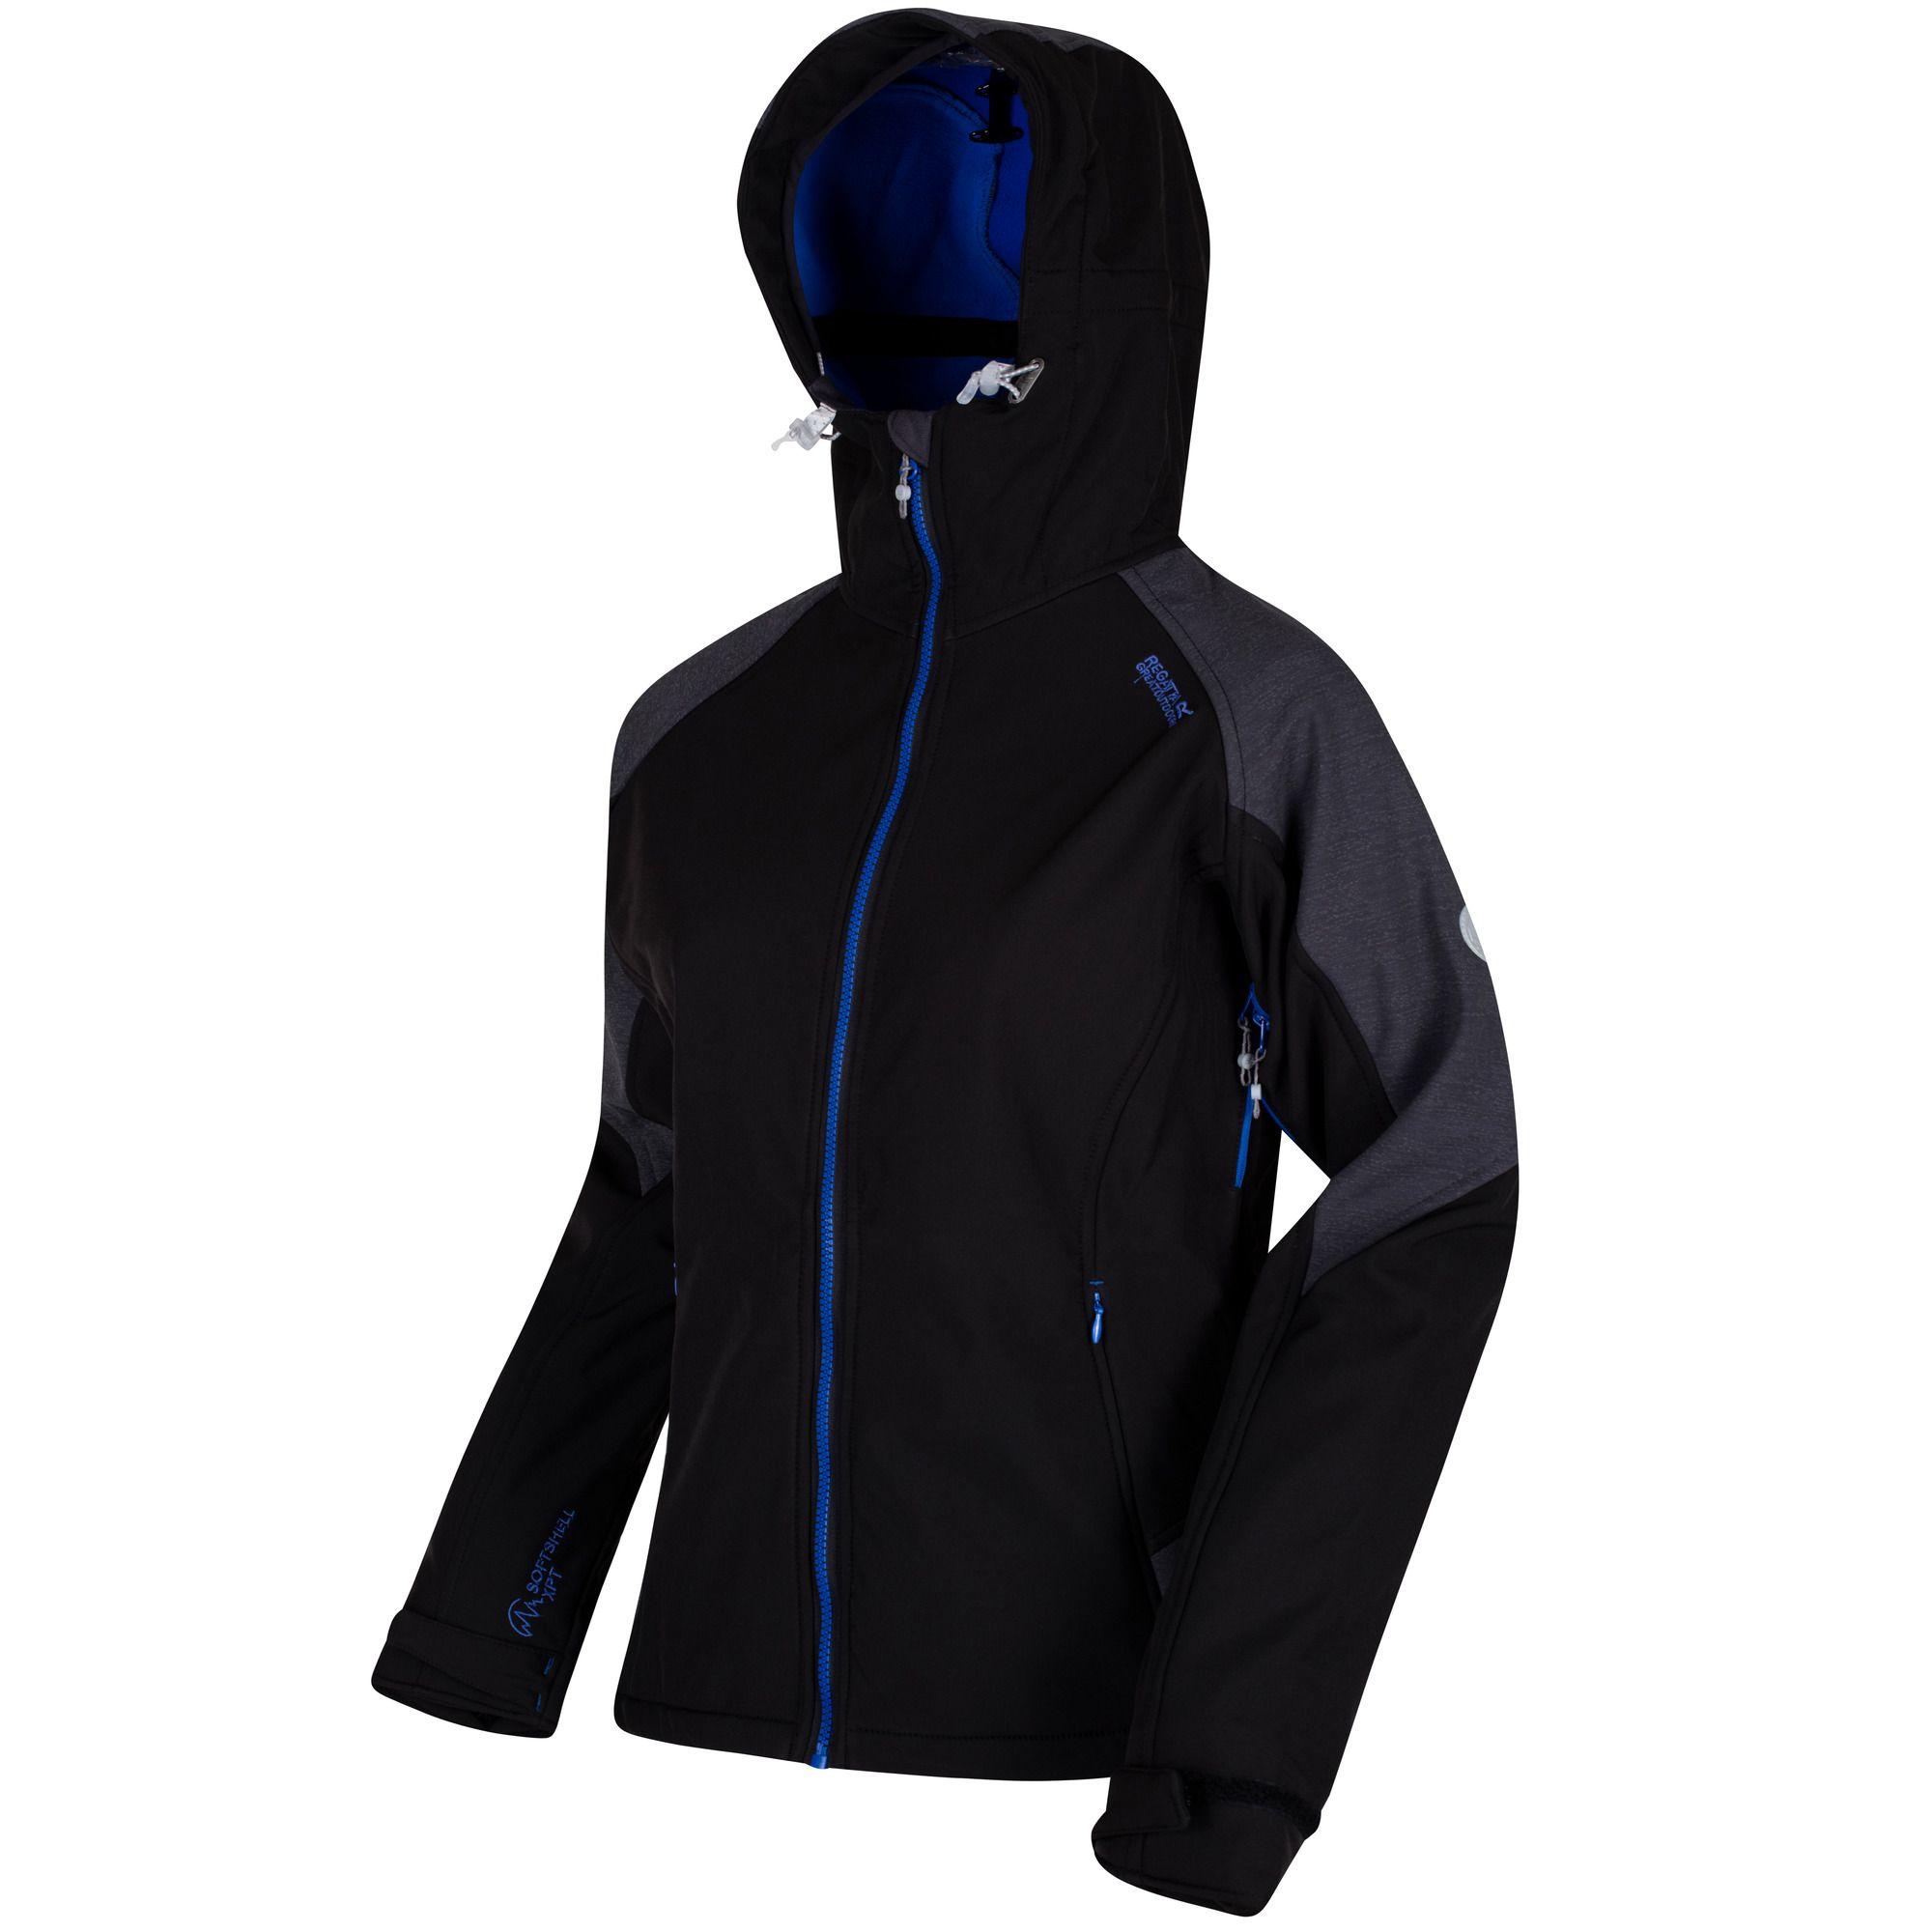 Doorout Angebote Regatta Desoto III Softshelljacke schwarz Damen Gr. 40:  Category: Outdoorbekleidung >